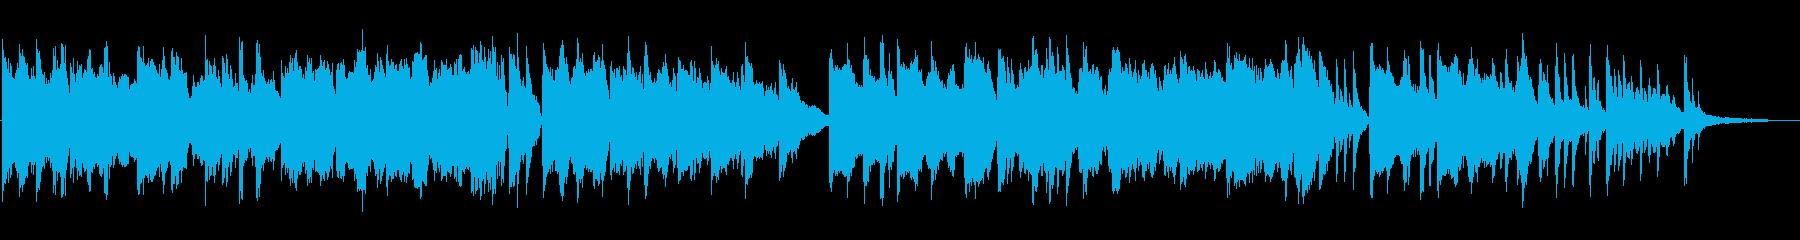 センチメンタルなピアノ+チェロ&篳篥の再生済みの波形